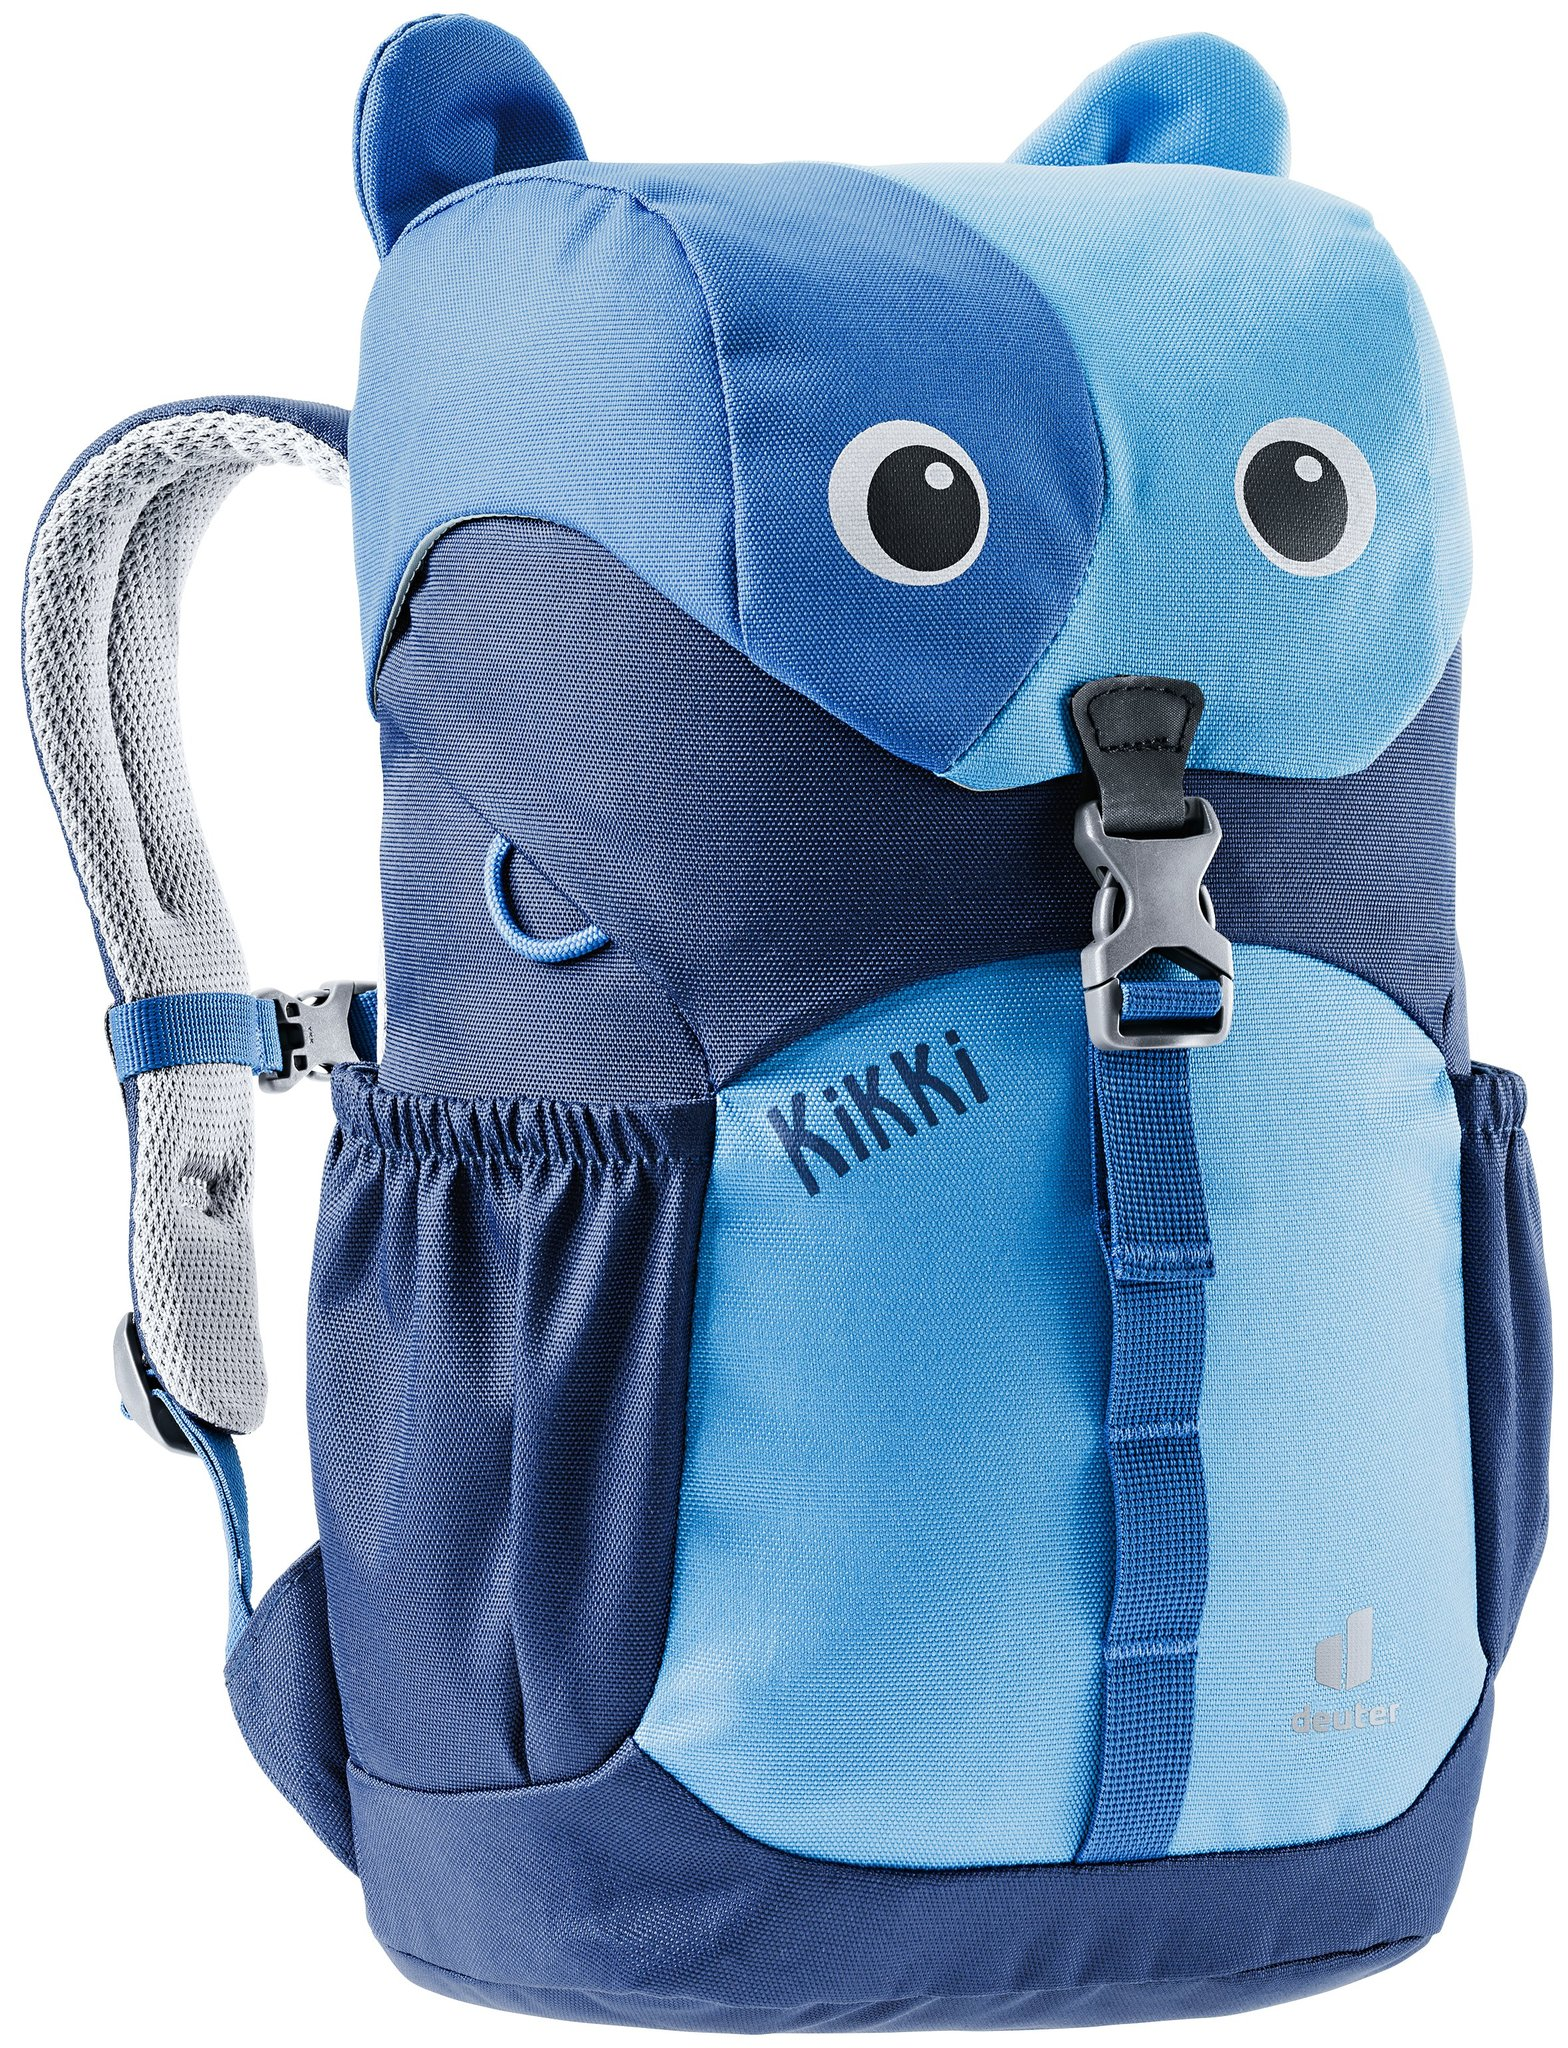 Детские рюкзаки Рюкзак детский Deuter Kikki 8 dc156fde2b7e9007ac469fa90119191b.jpeg